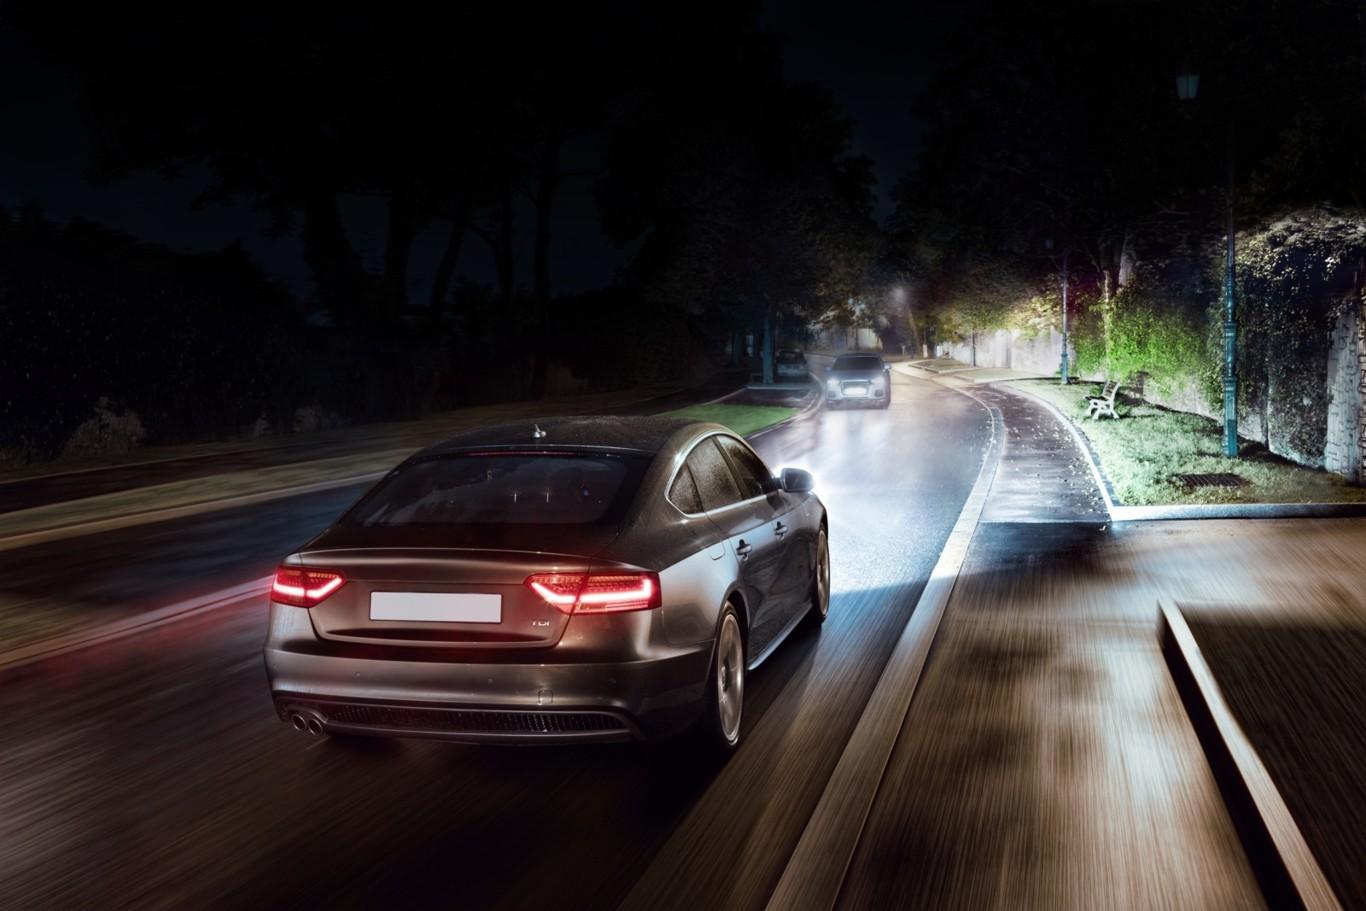 Porque baja la intensidad de las luces de mi auto